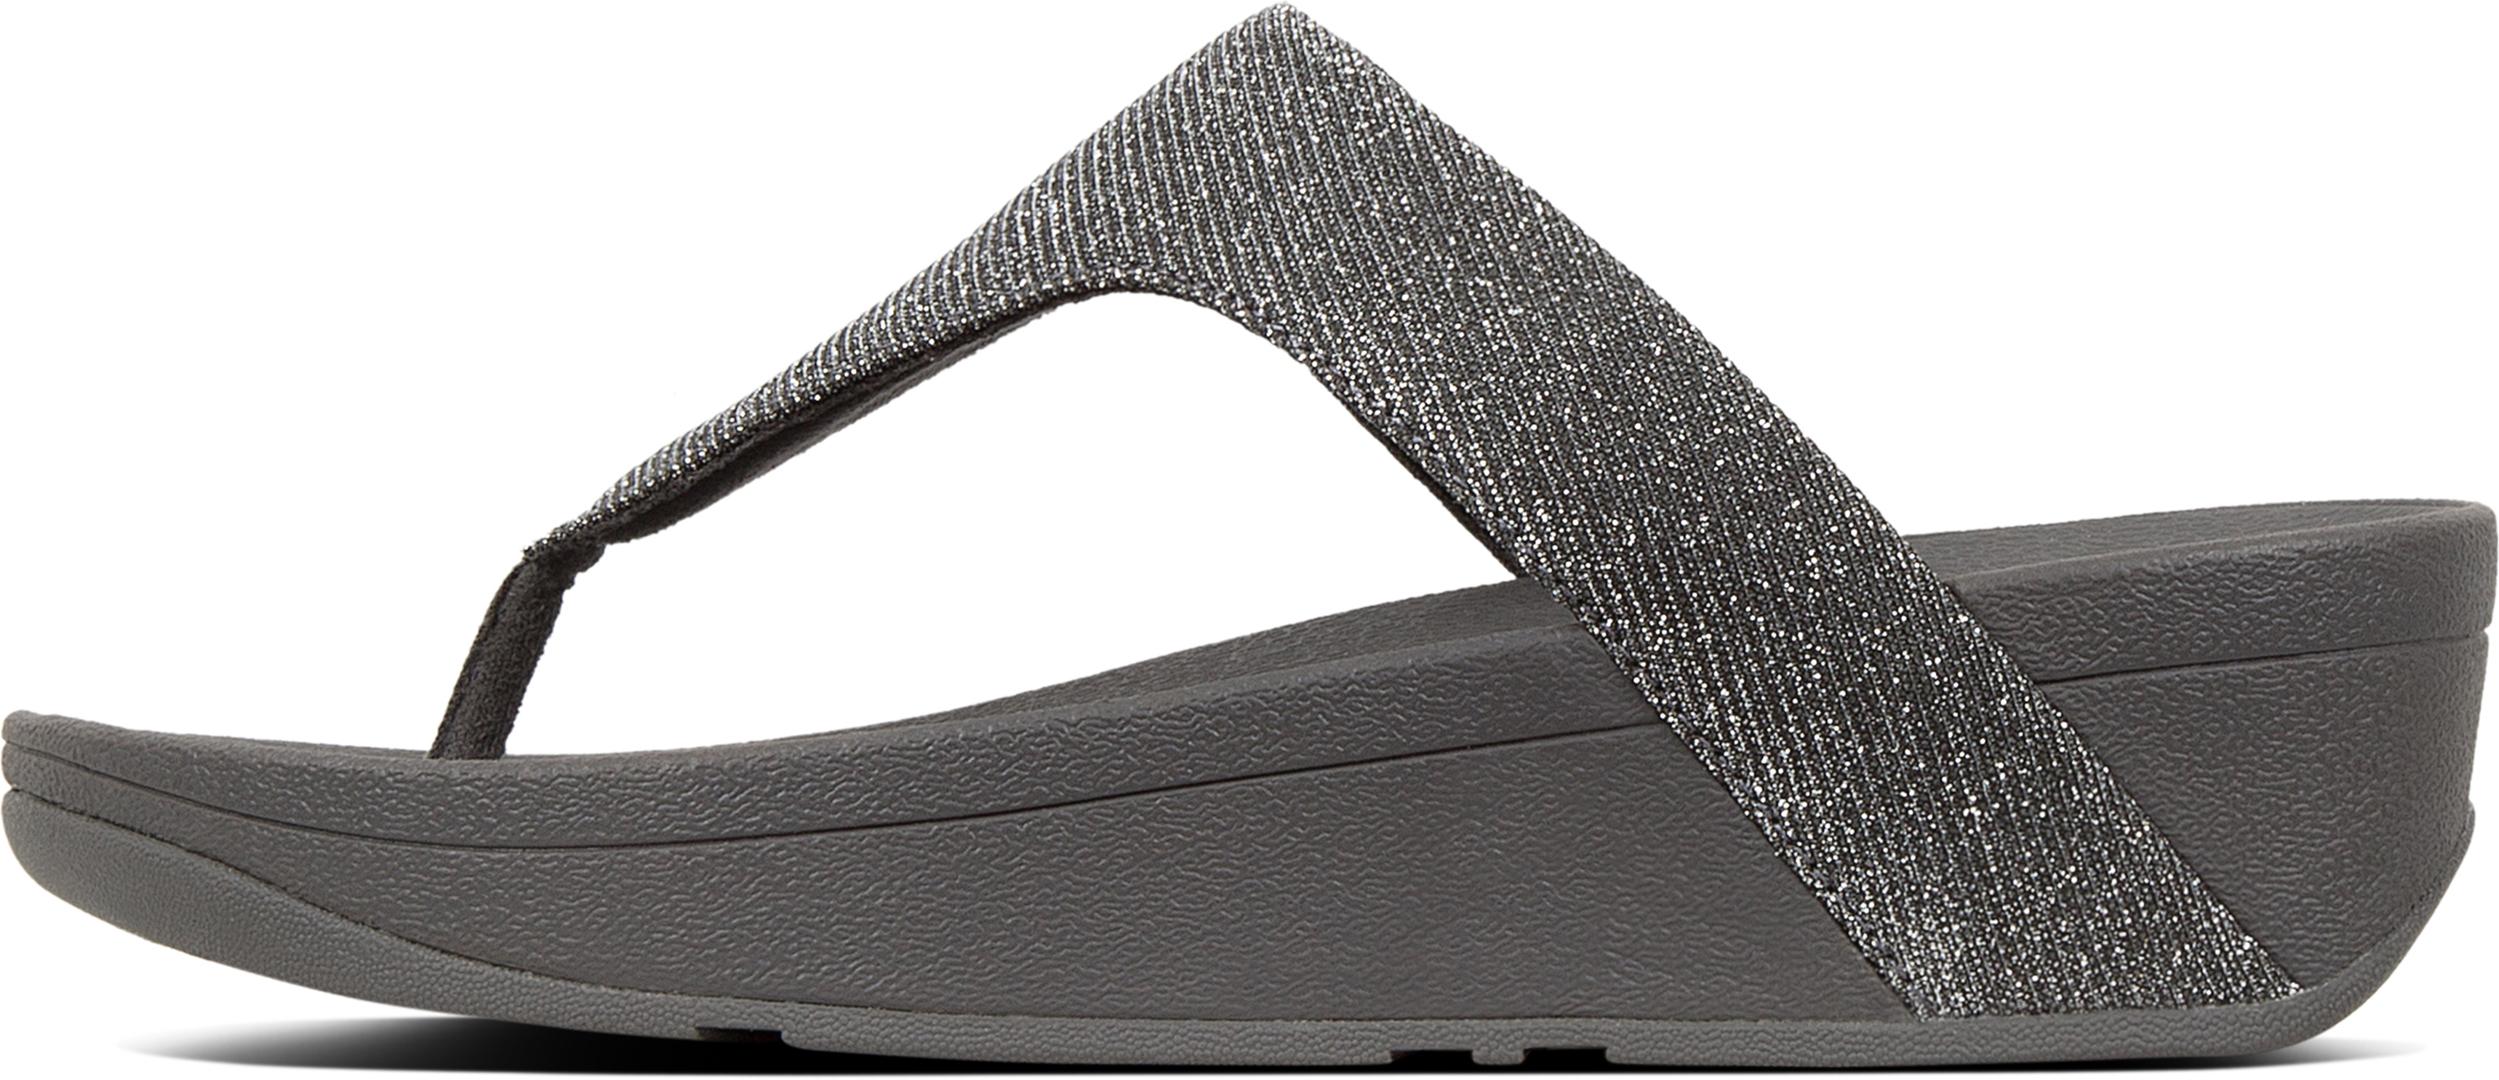 f0ecd21e3292 LOTTIE GLITZY Sandal 2019 pewter